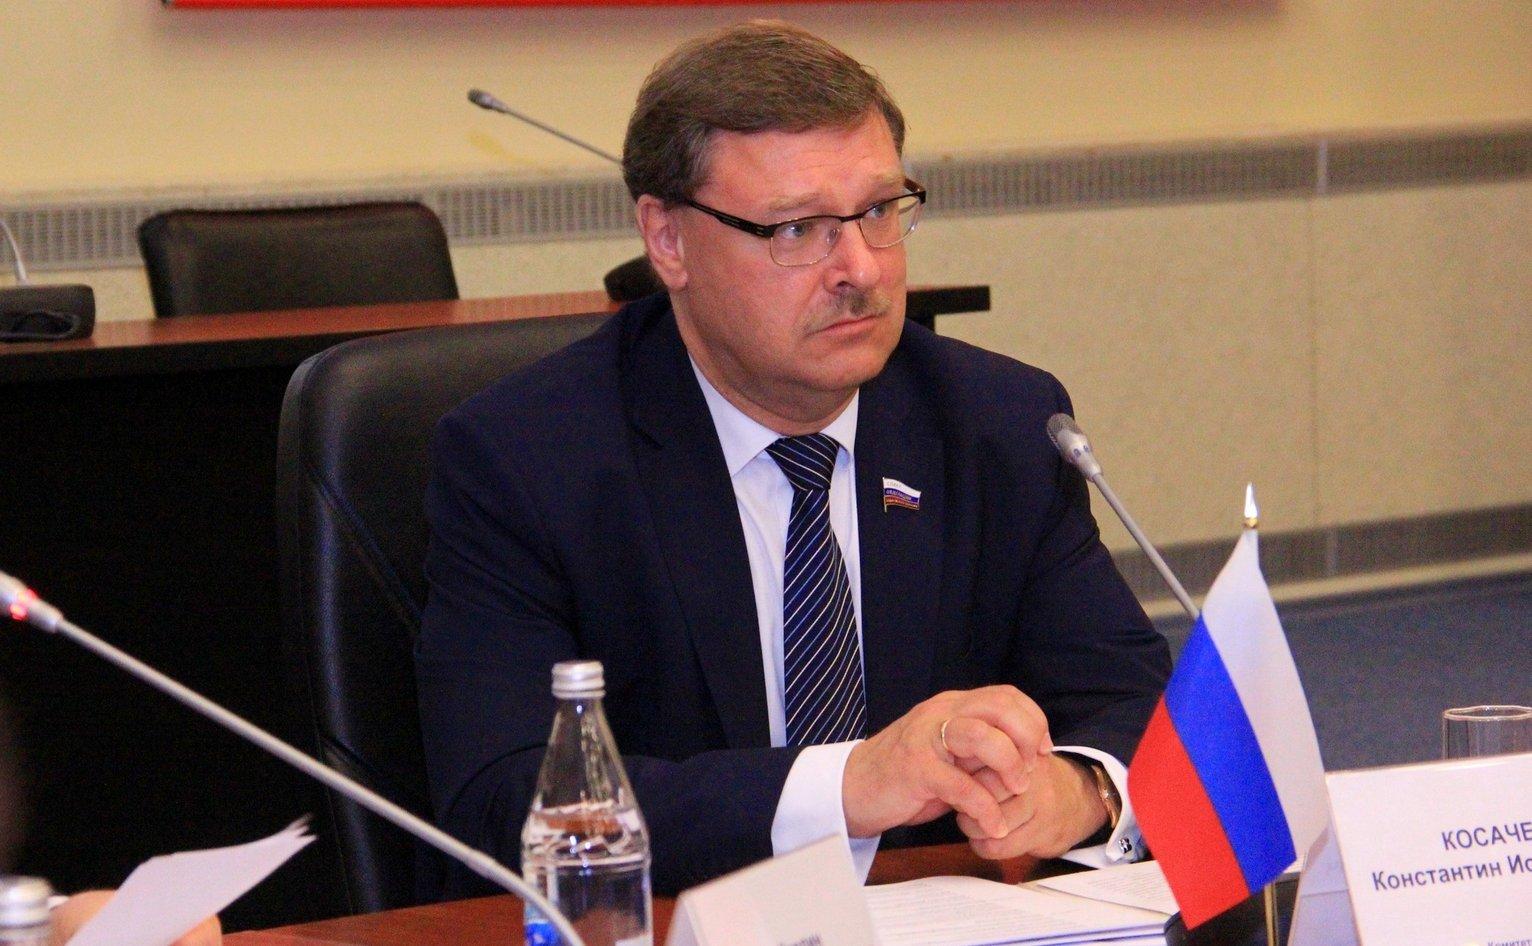 Косачев поставил окончательный диагноз: Порошенко лишился здравого смысла